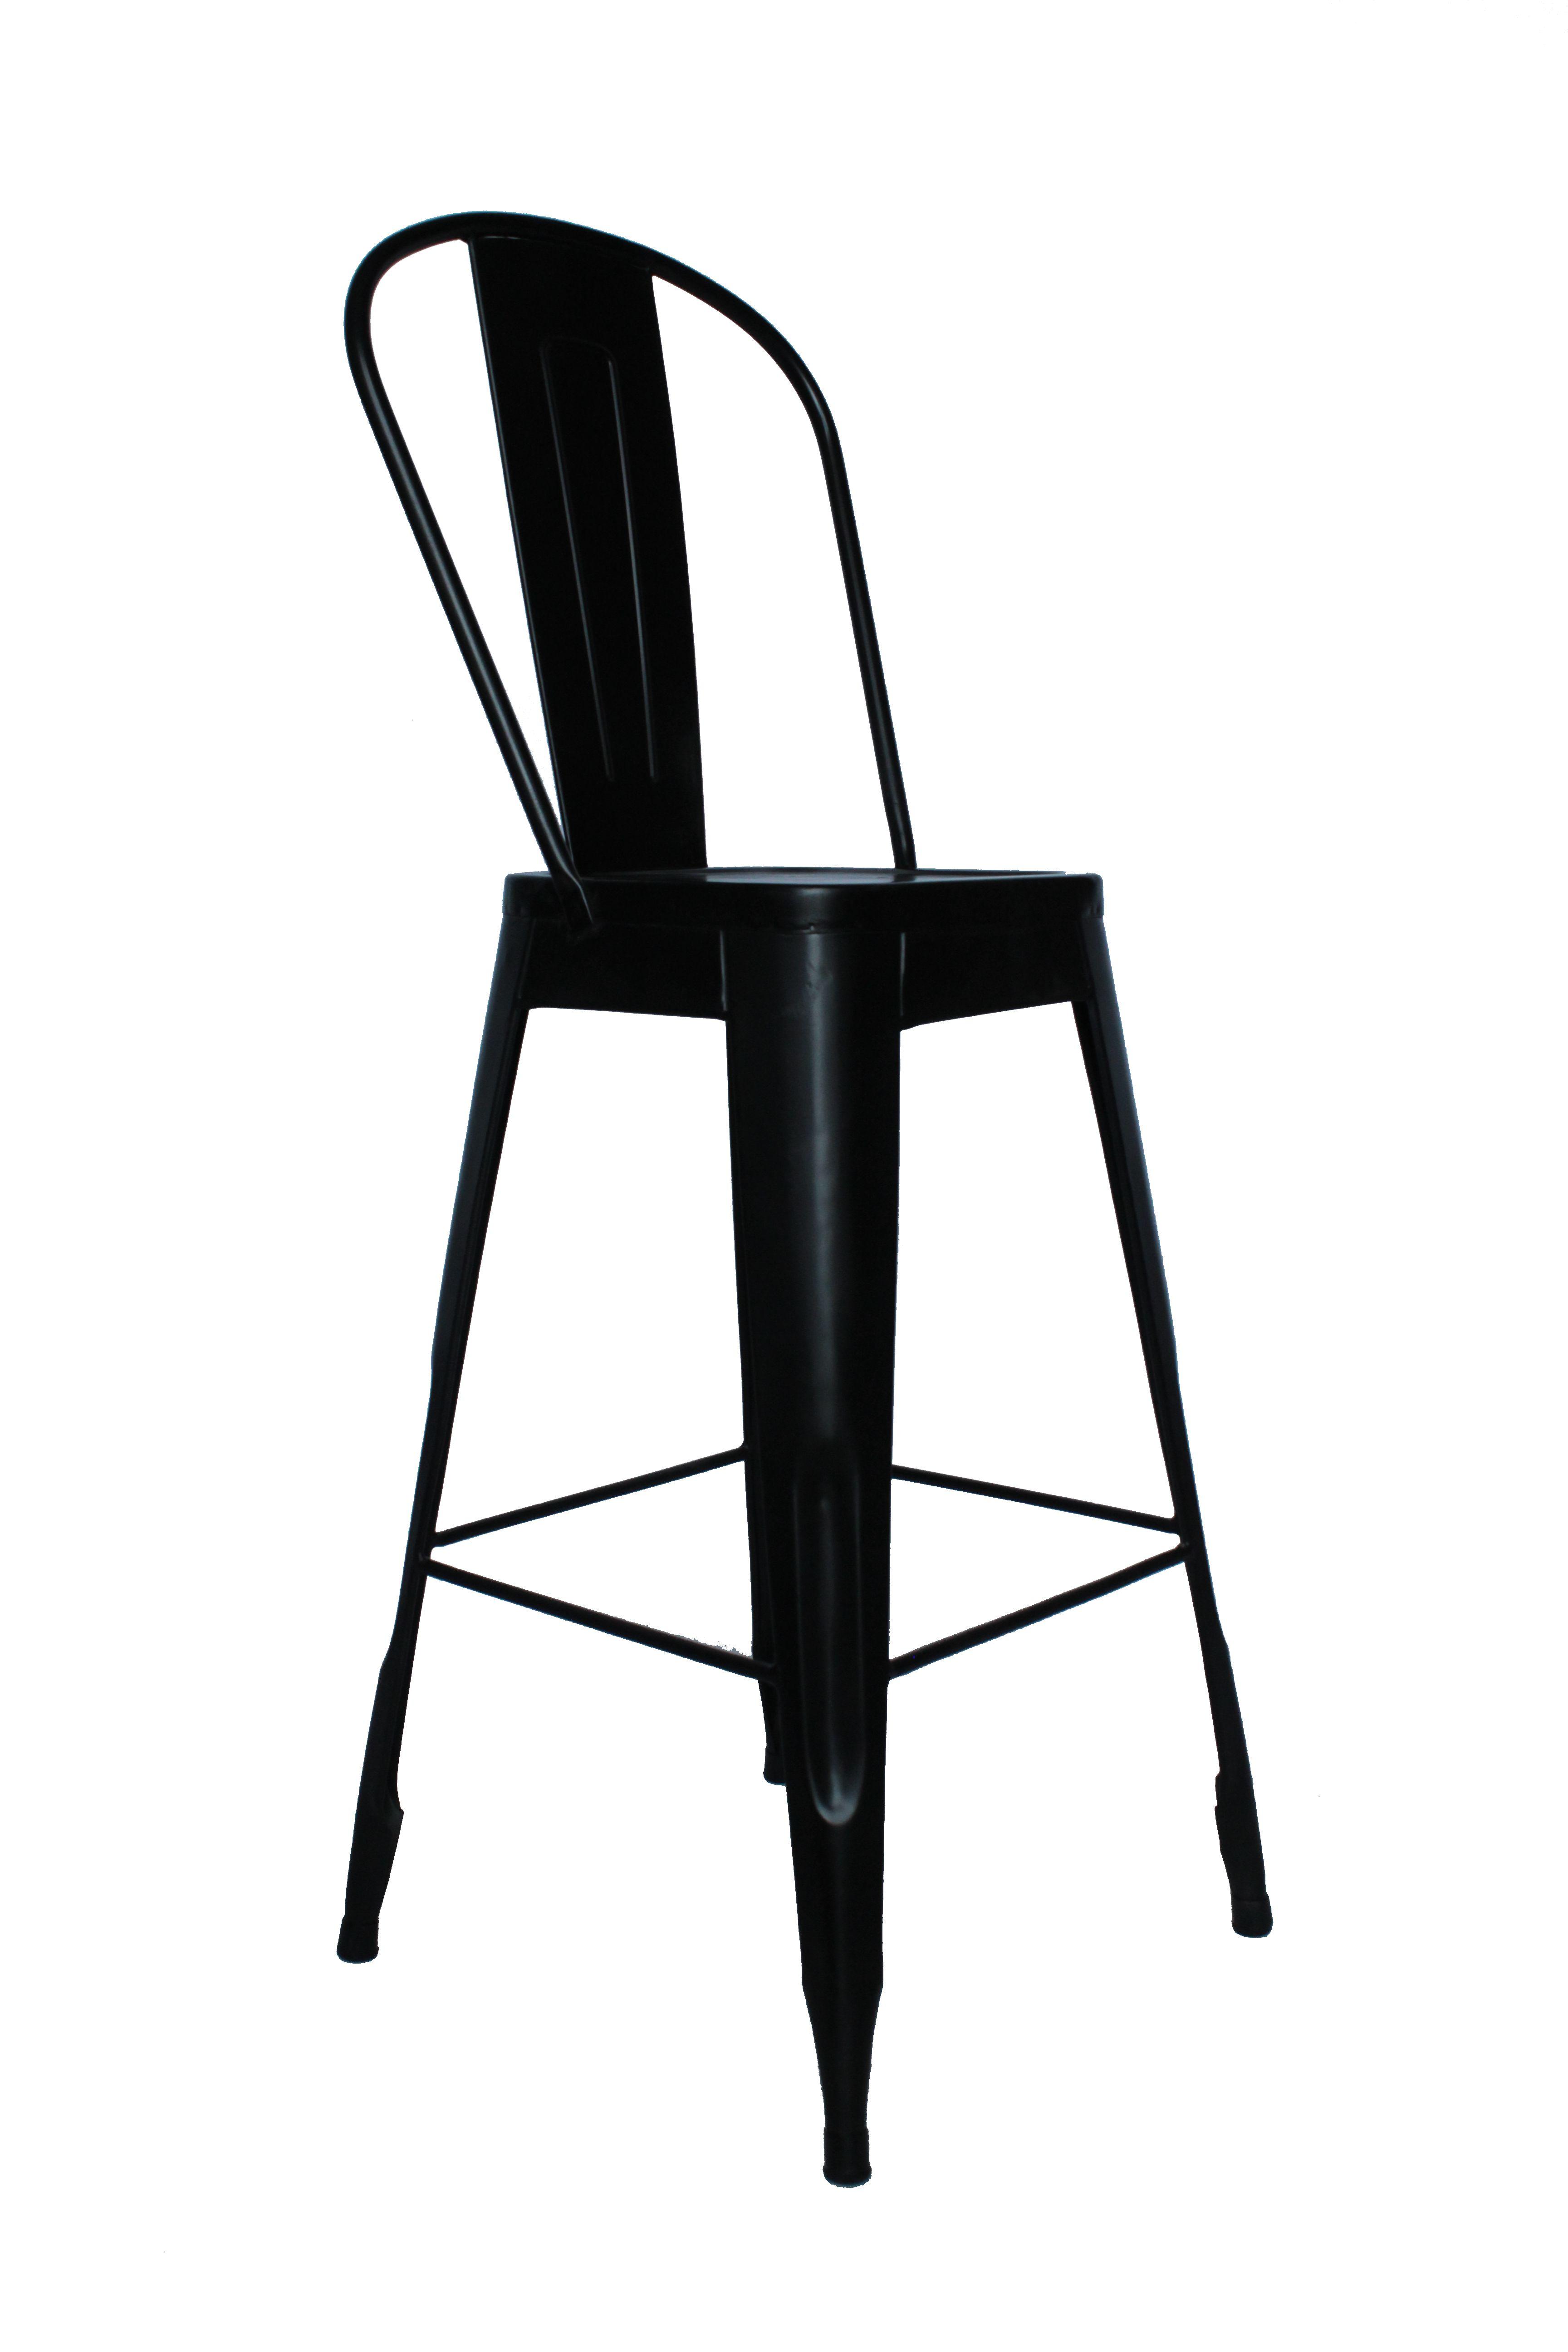 Krzesło Barowe Metalowe Industrialne Czarne Indigodecor